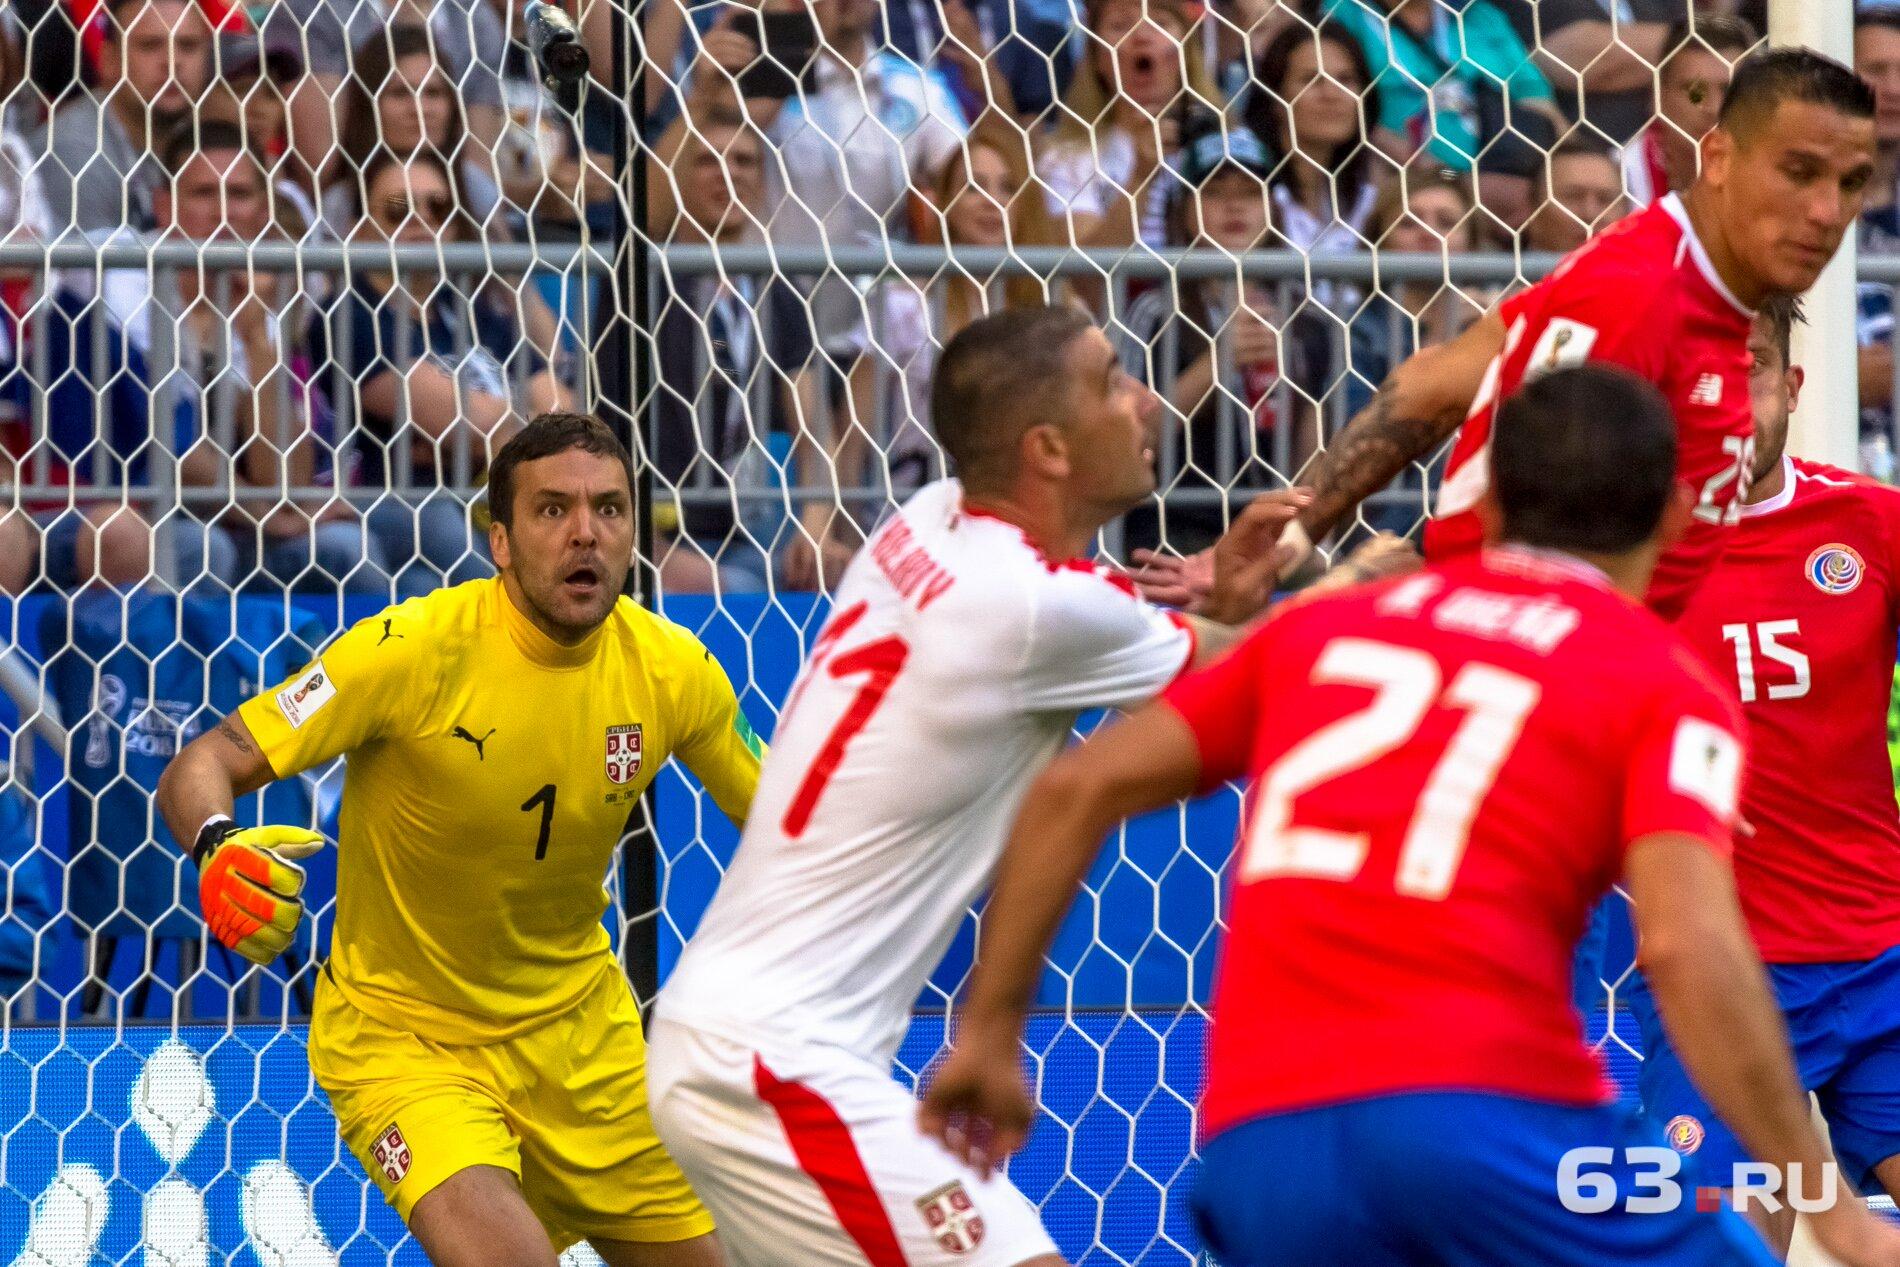 Вратарь сербов Владимир Стойкович — серьезно и очень стойко провел игру